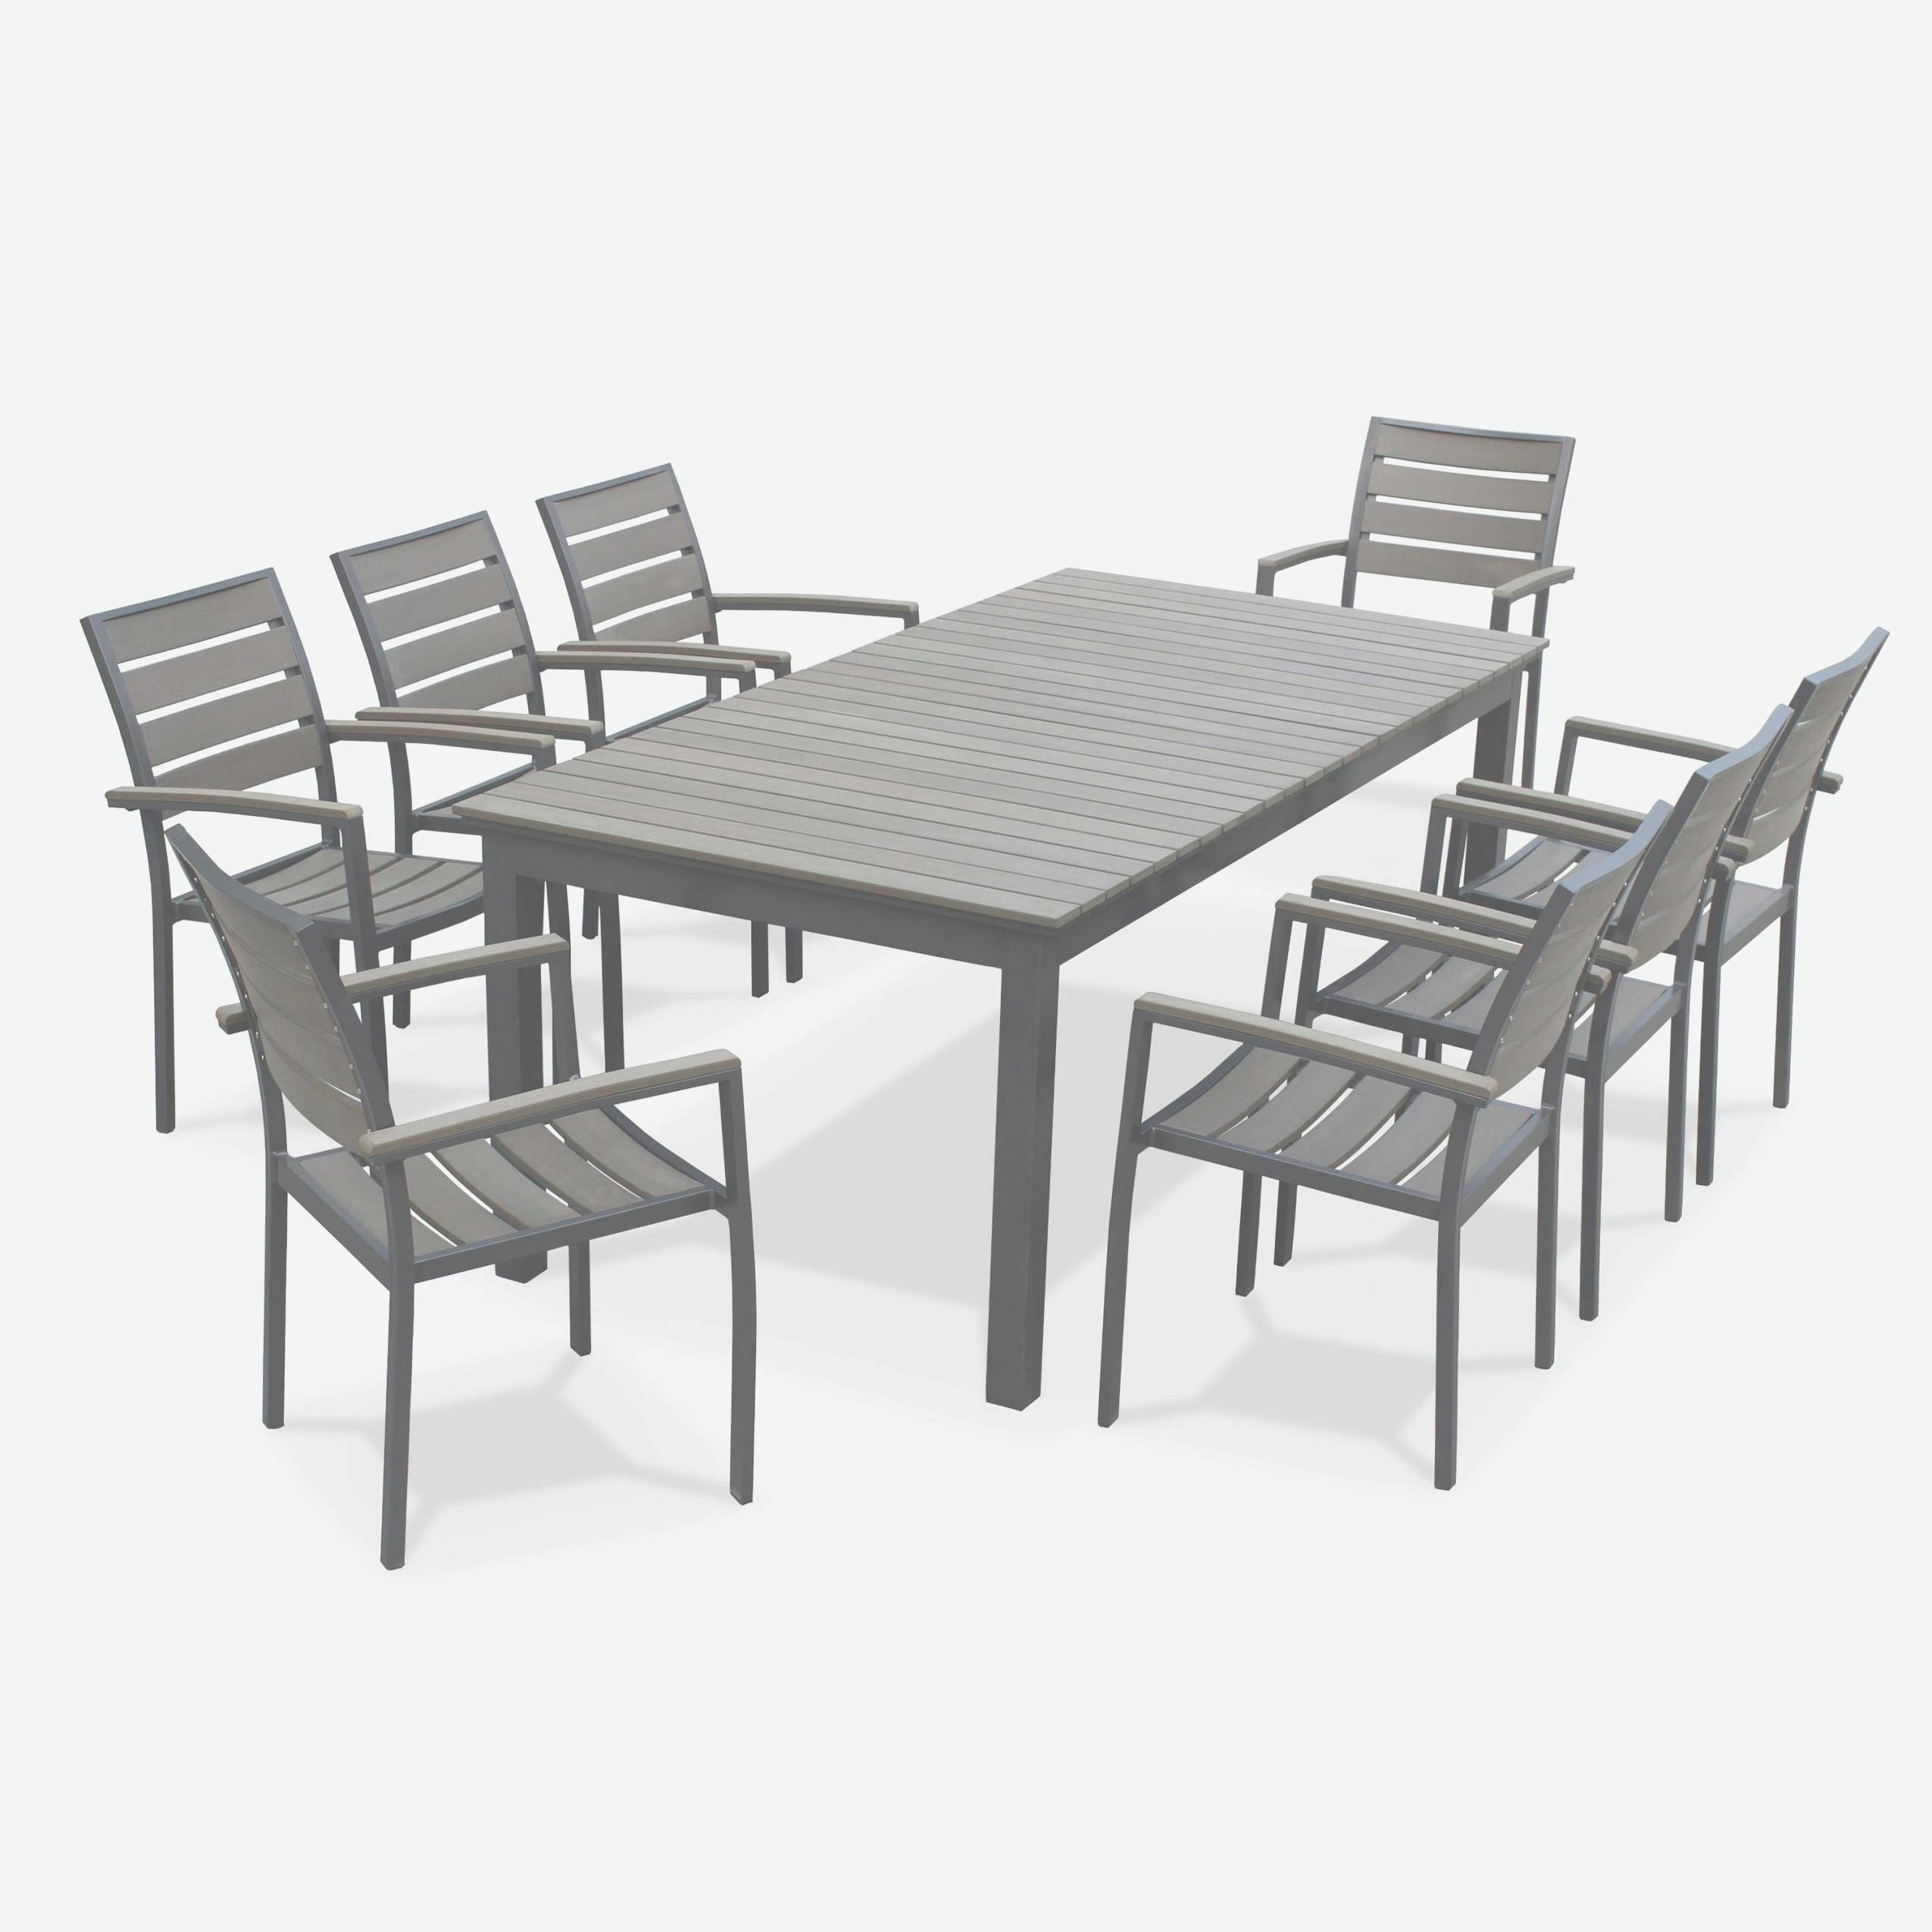 Table De Jardin Intermarche Luxe Photographie Salon De Jardin Intermarché Aussi élégant 30 Nouveau Table De Jardin